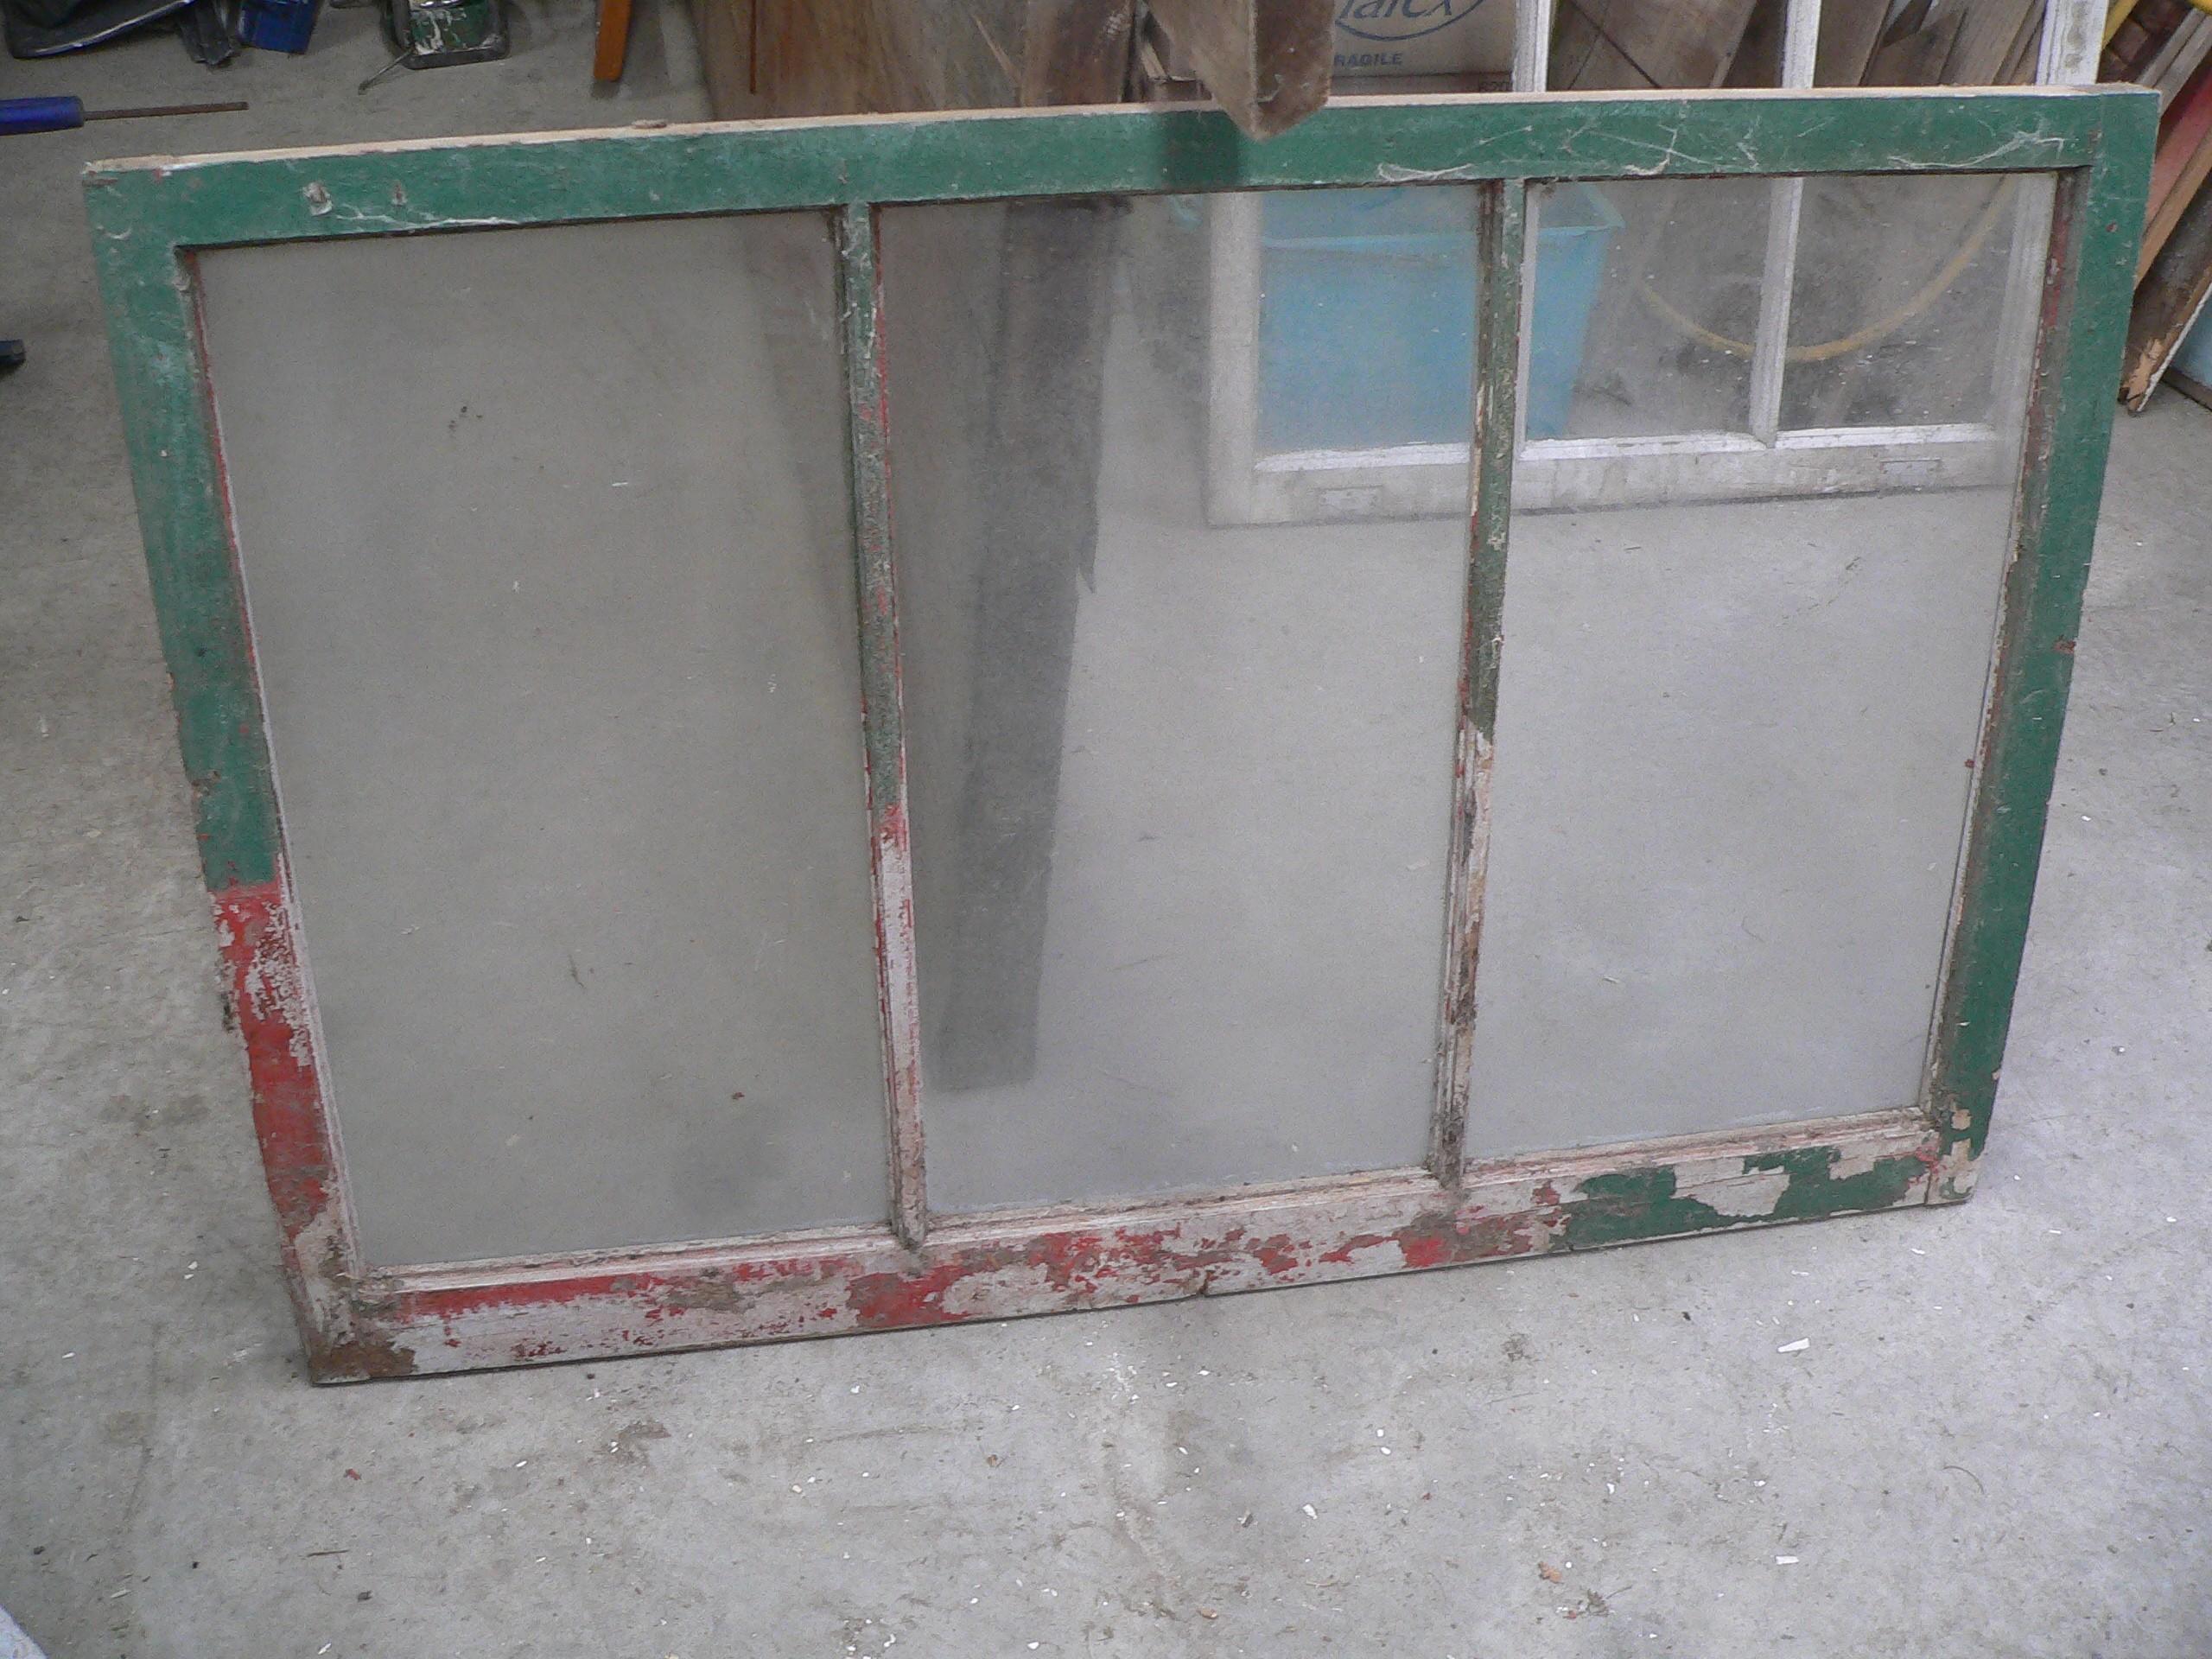 Fenêtre antique a 3 carreaux # 6960.3